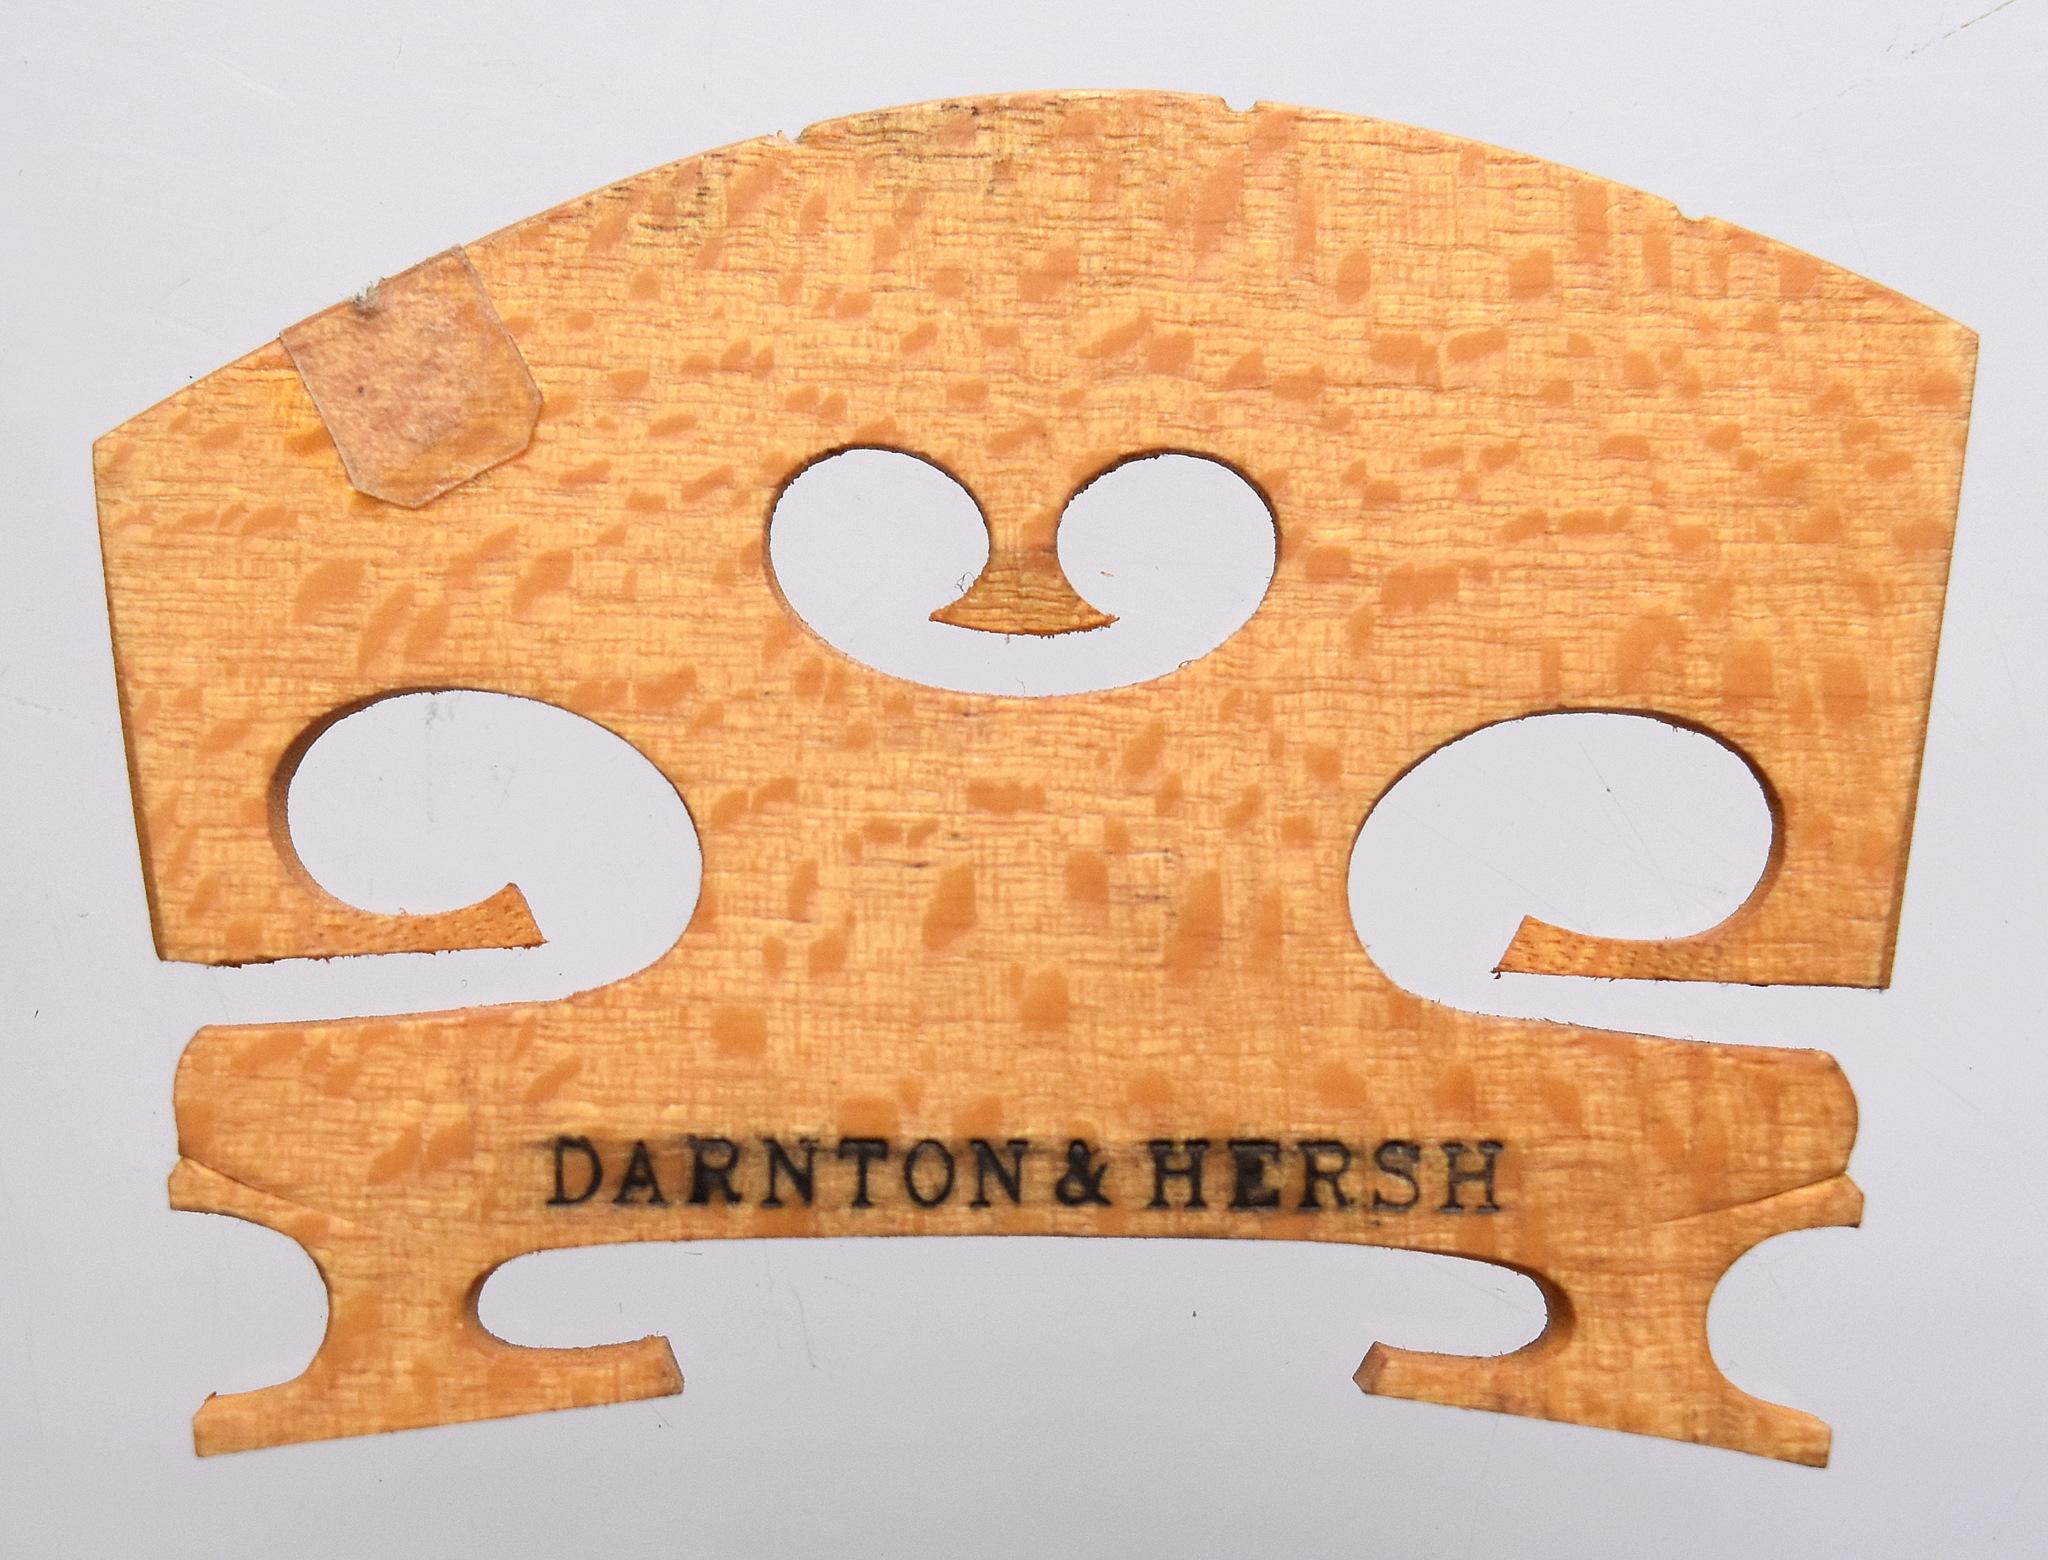 Darnton & Hersh